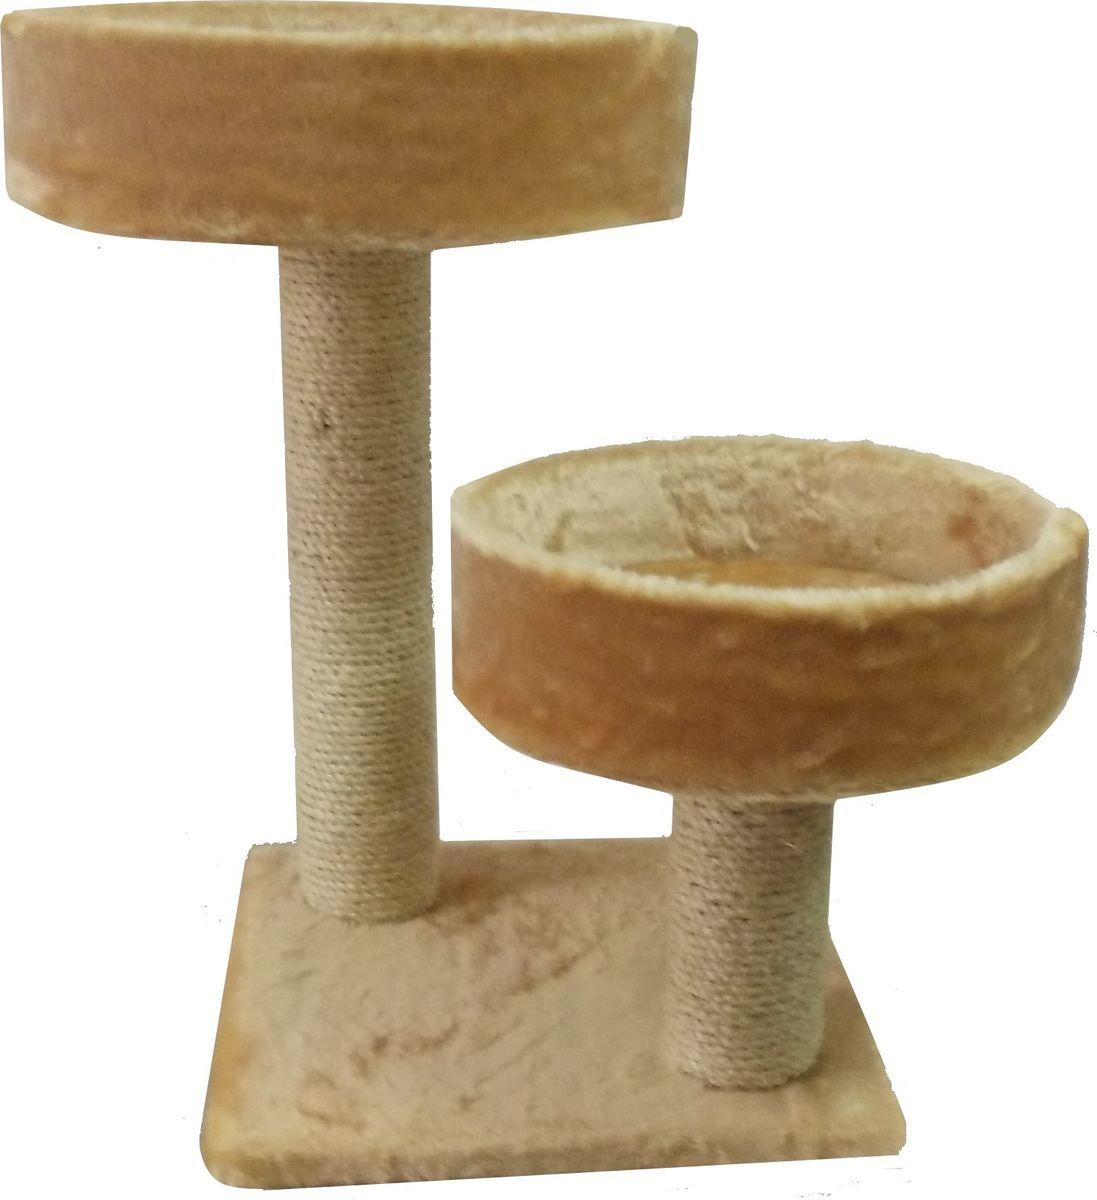 Когтеточка Пушок Двойная лапа, цвет: бежевый, 42 х 42 х 65 см лежанки для собак плетеные